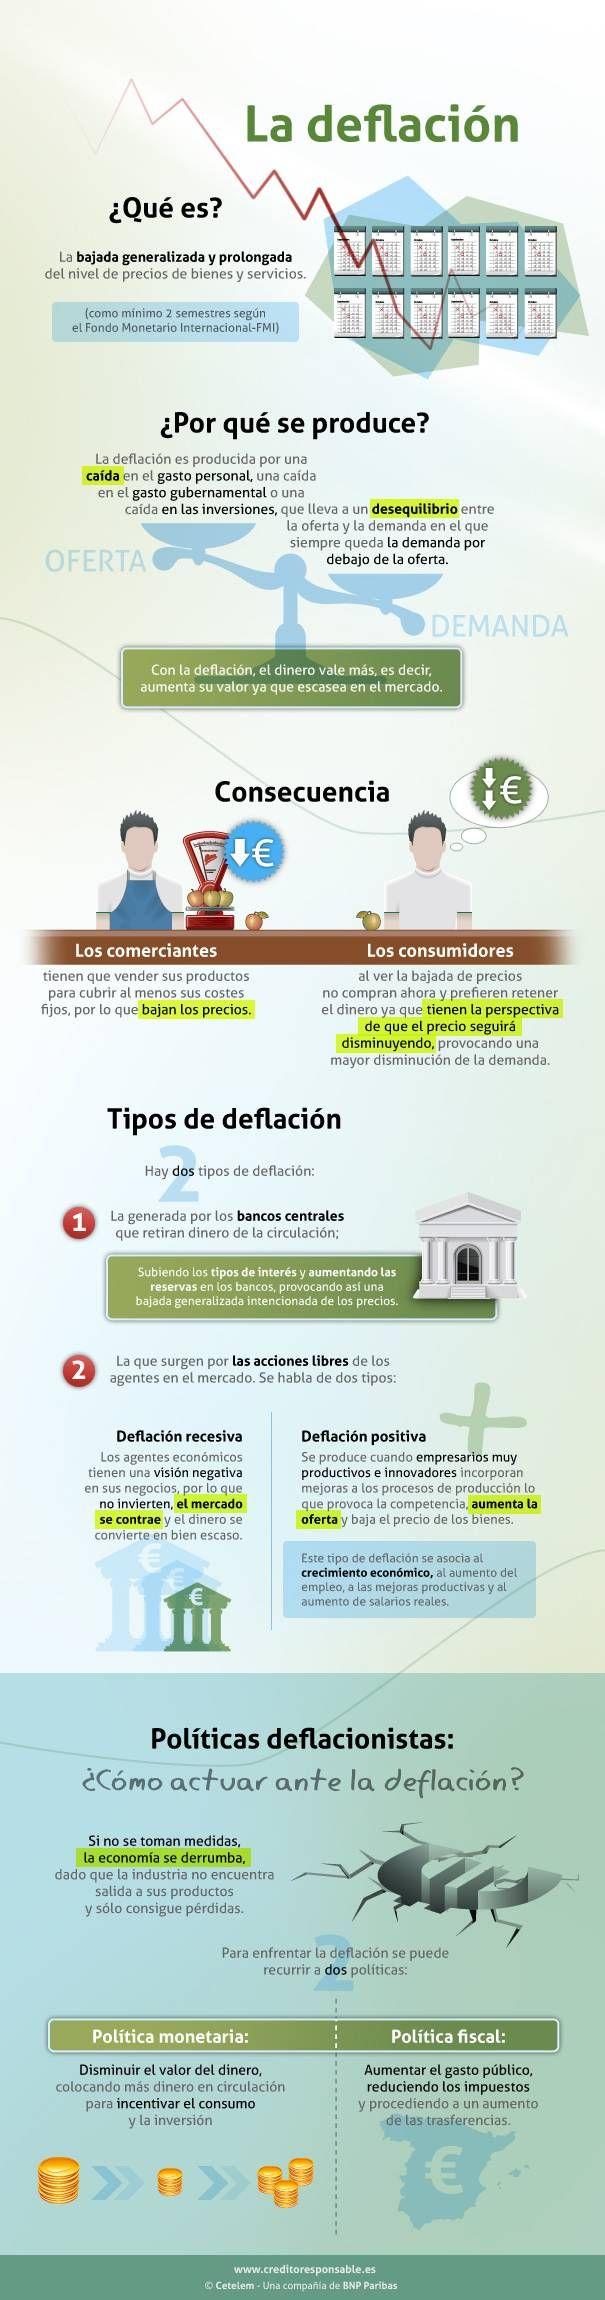 Qué es la deflación y por qué se produce #infografia